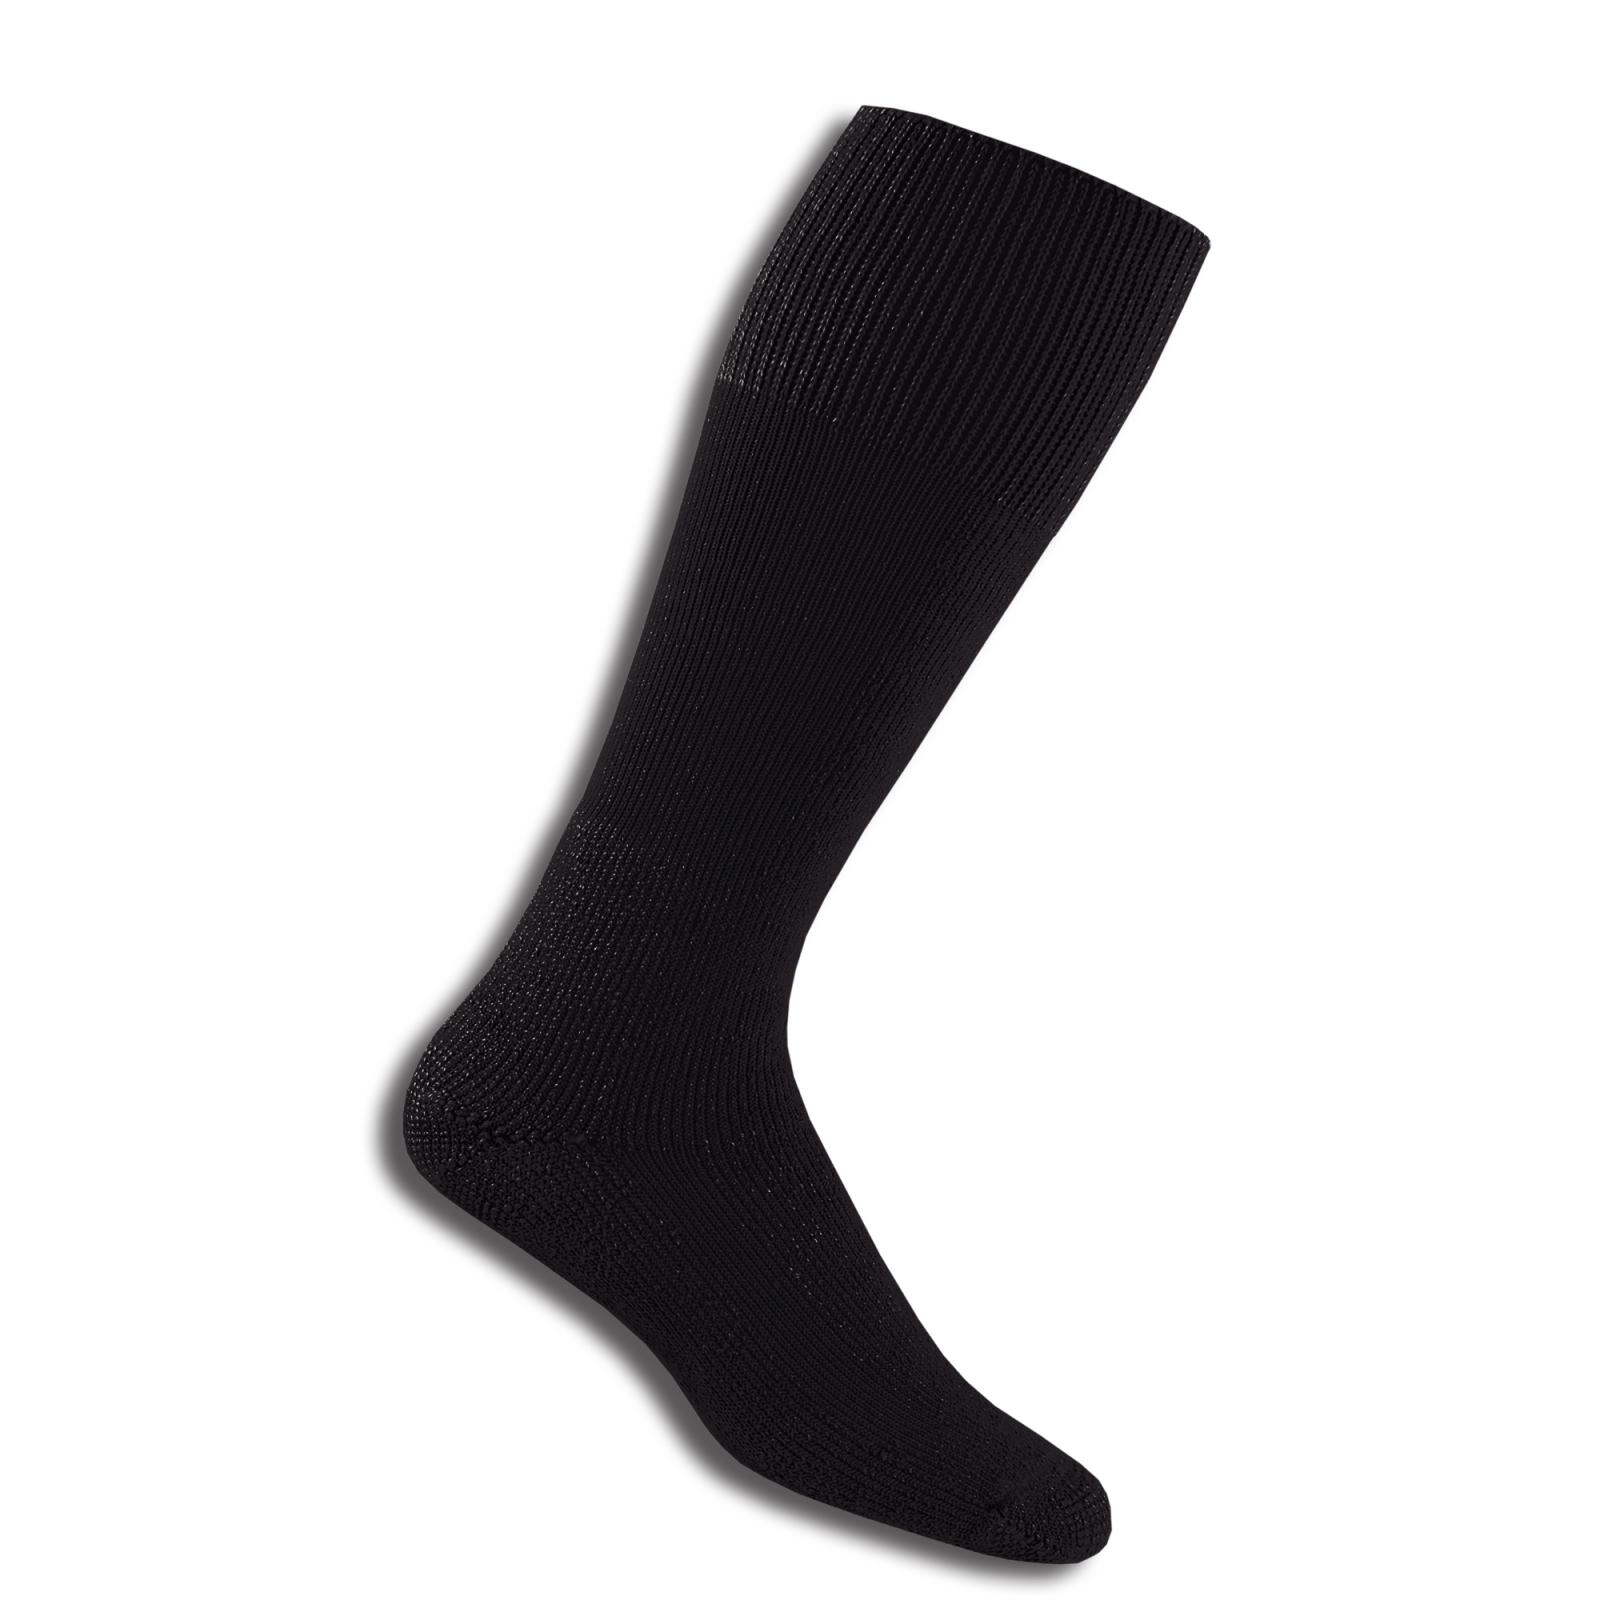 thorlos black combat boot socks